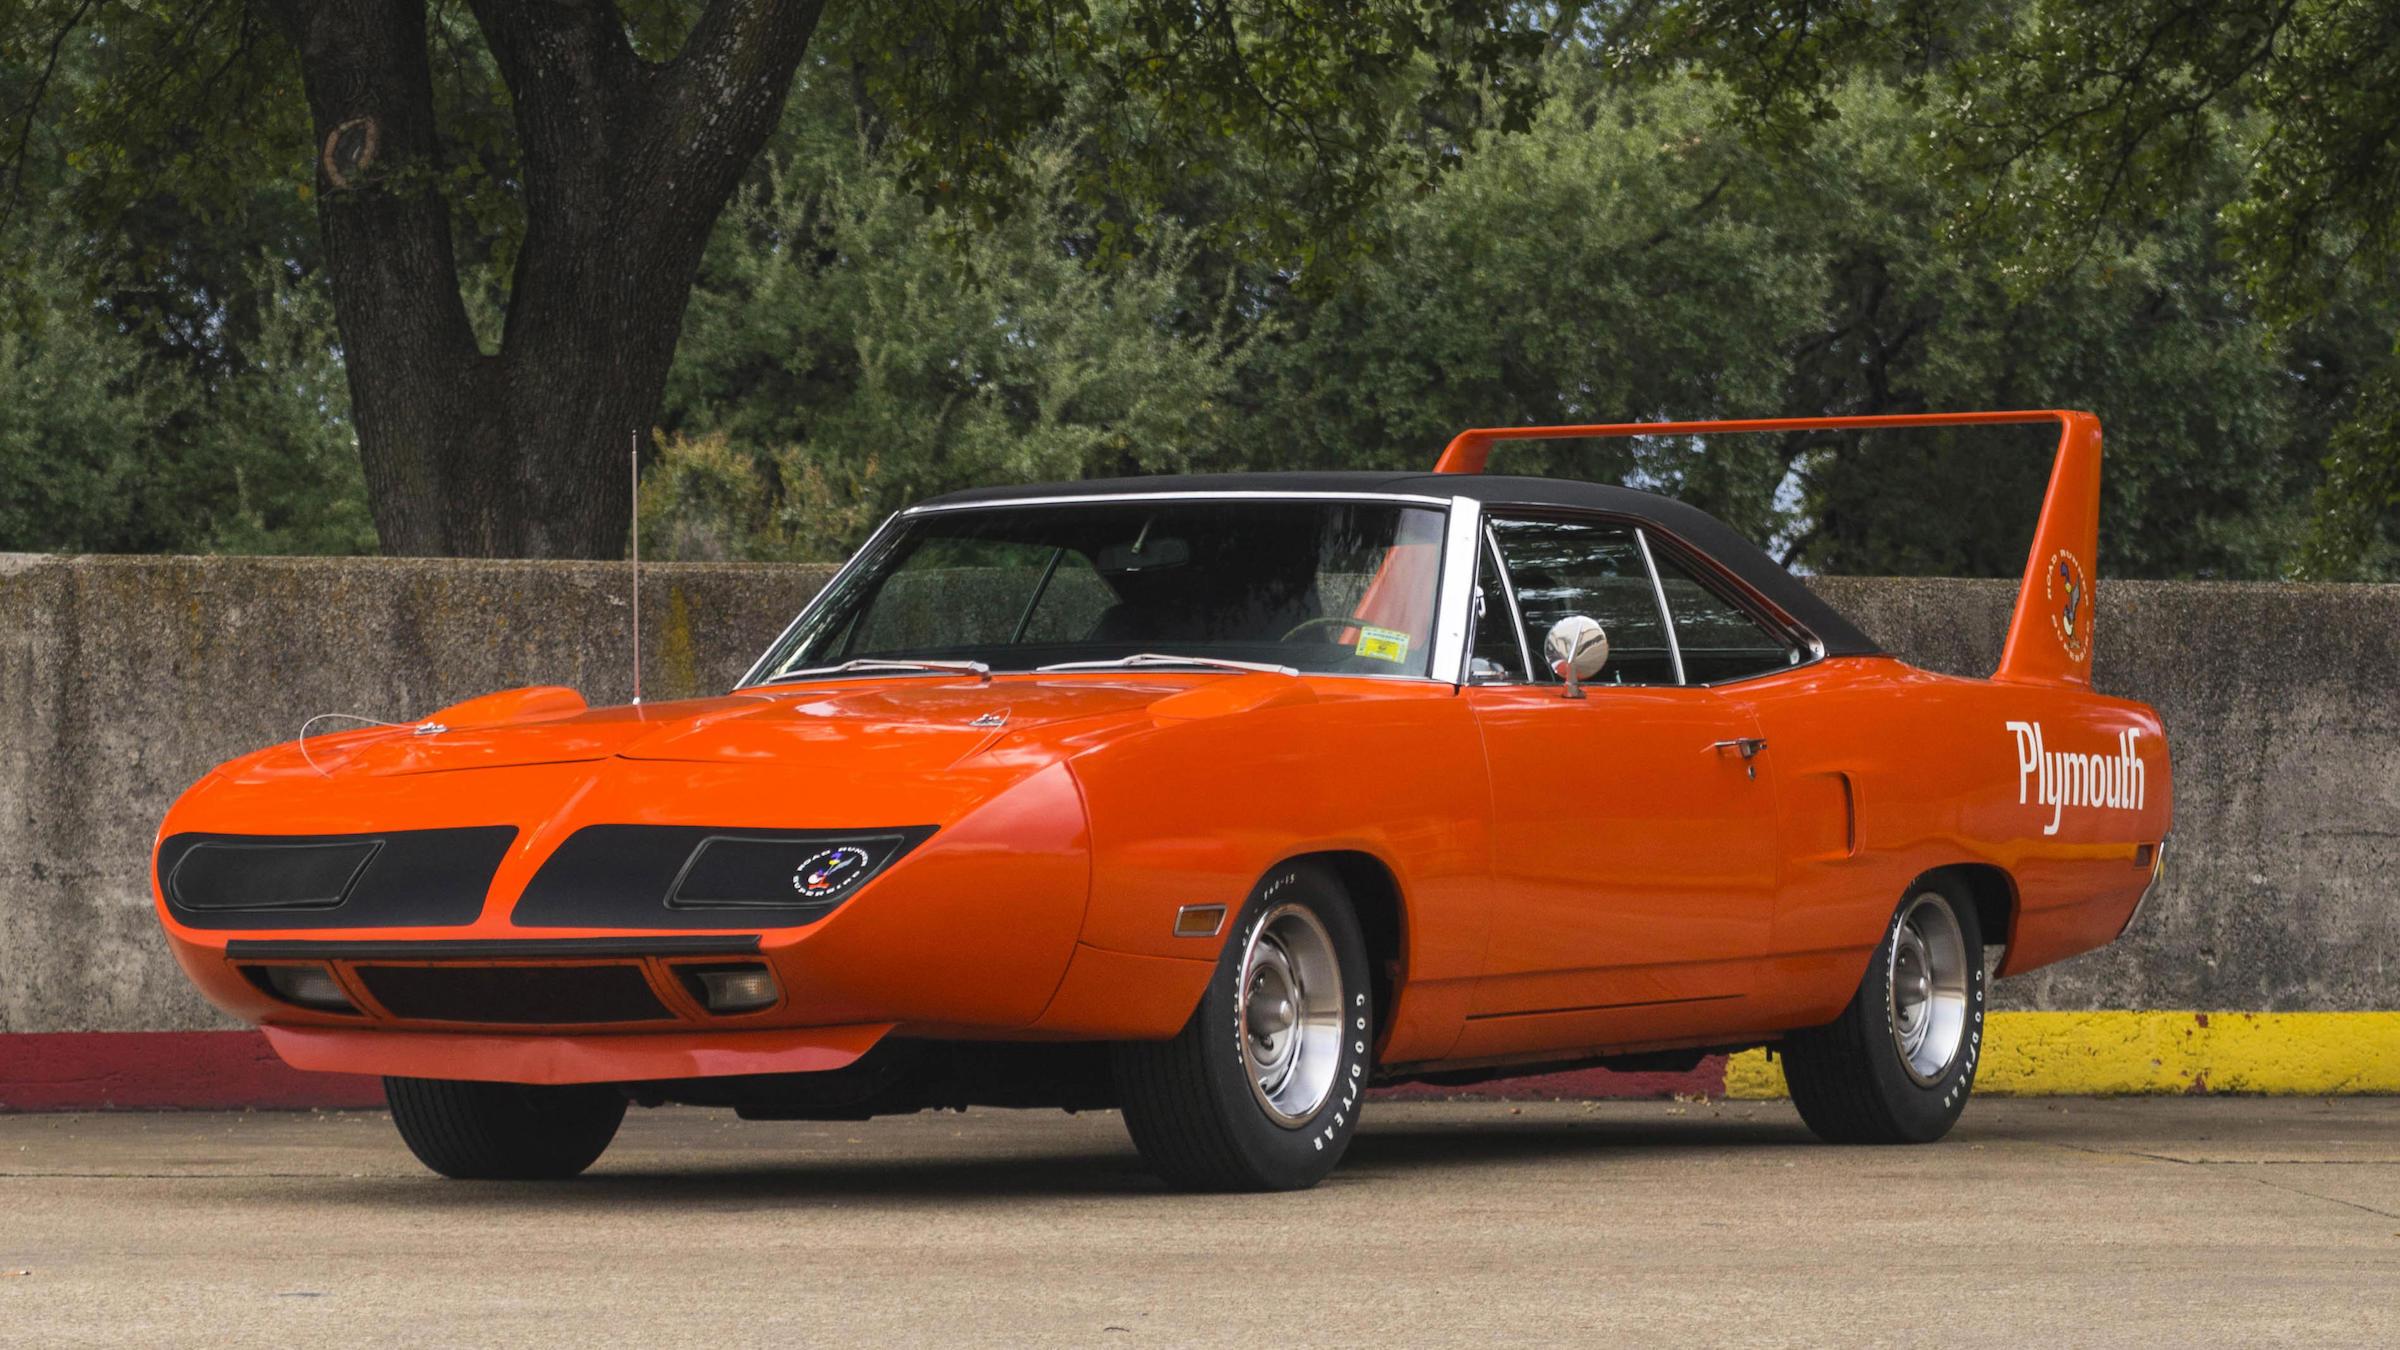 1970 Superbird For Sale >> All-Original 1970 Plymouth Superbird